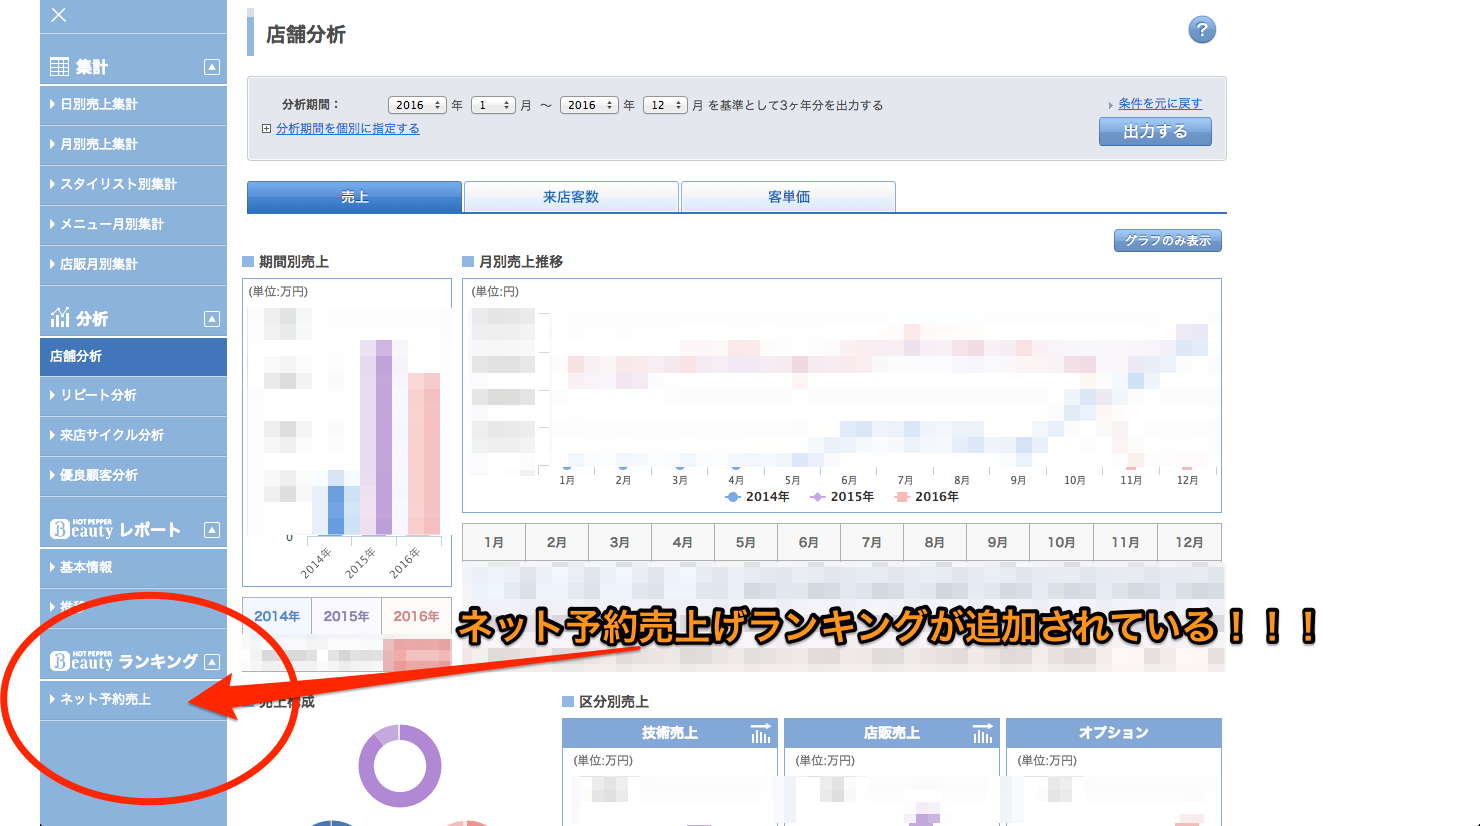 サロンボードに【ネット売上げランキング】の項目が増えたというニュース!!の追記。